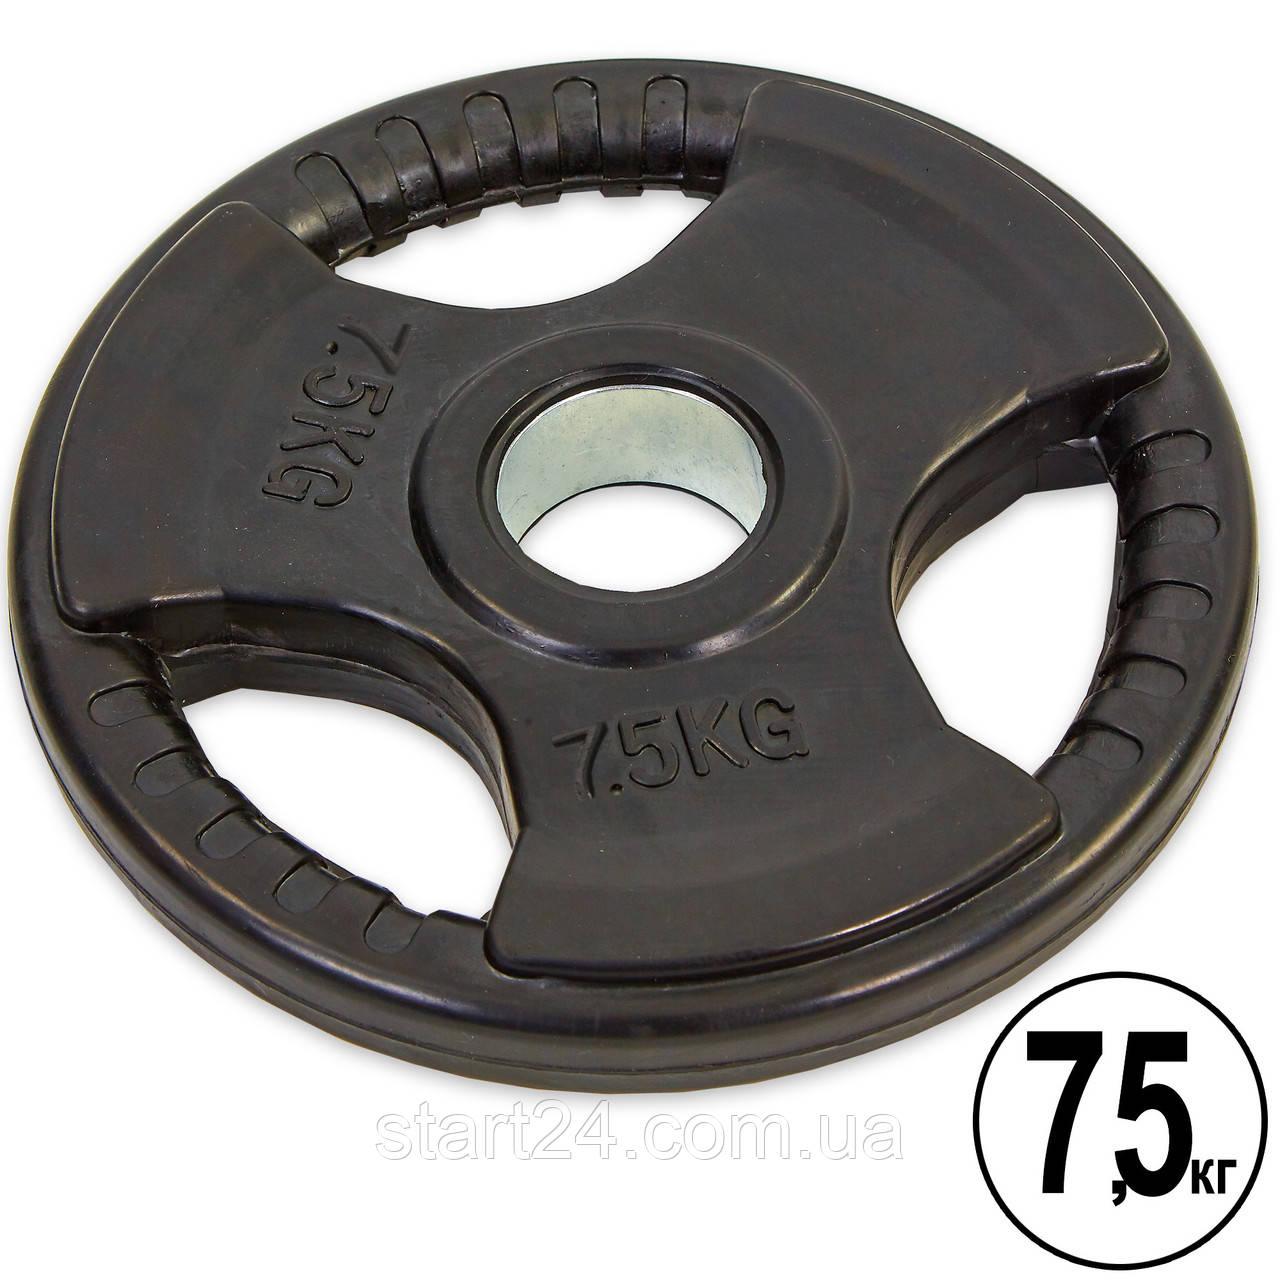 Млинці (диски) обгумовані з потрійним хватом і металевою втулкою d-52мм Record TA-8122- 7,5 7,5 кг (чорний)